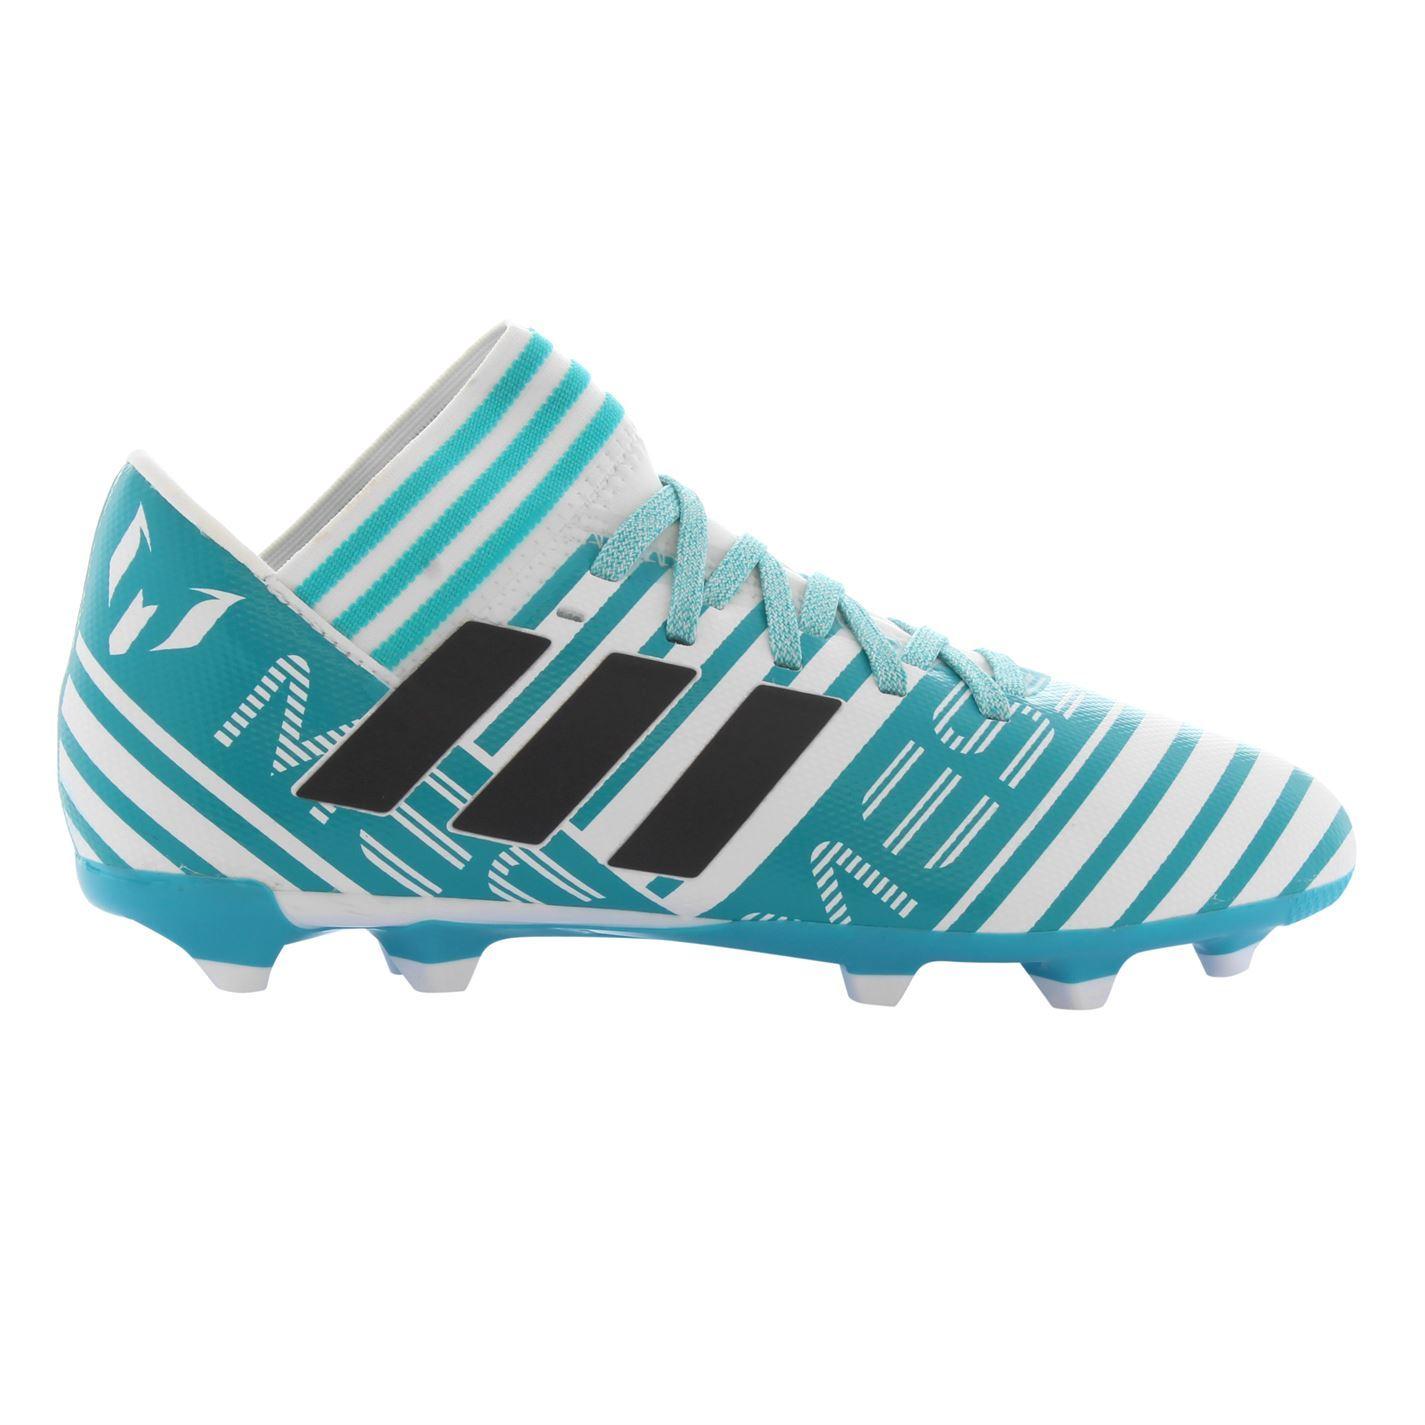 0a913040b5043 adidas Kids Nemeziz Messi 17.3 FG Junior Football Boots Firm Ground Lace Up  Mesh